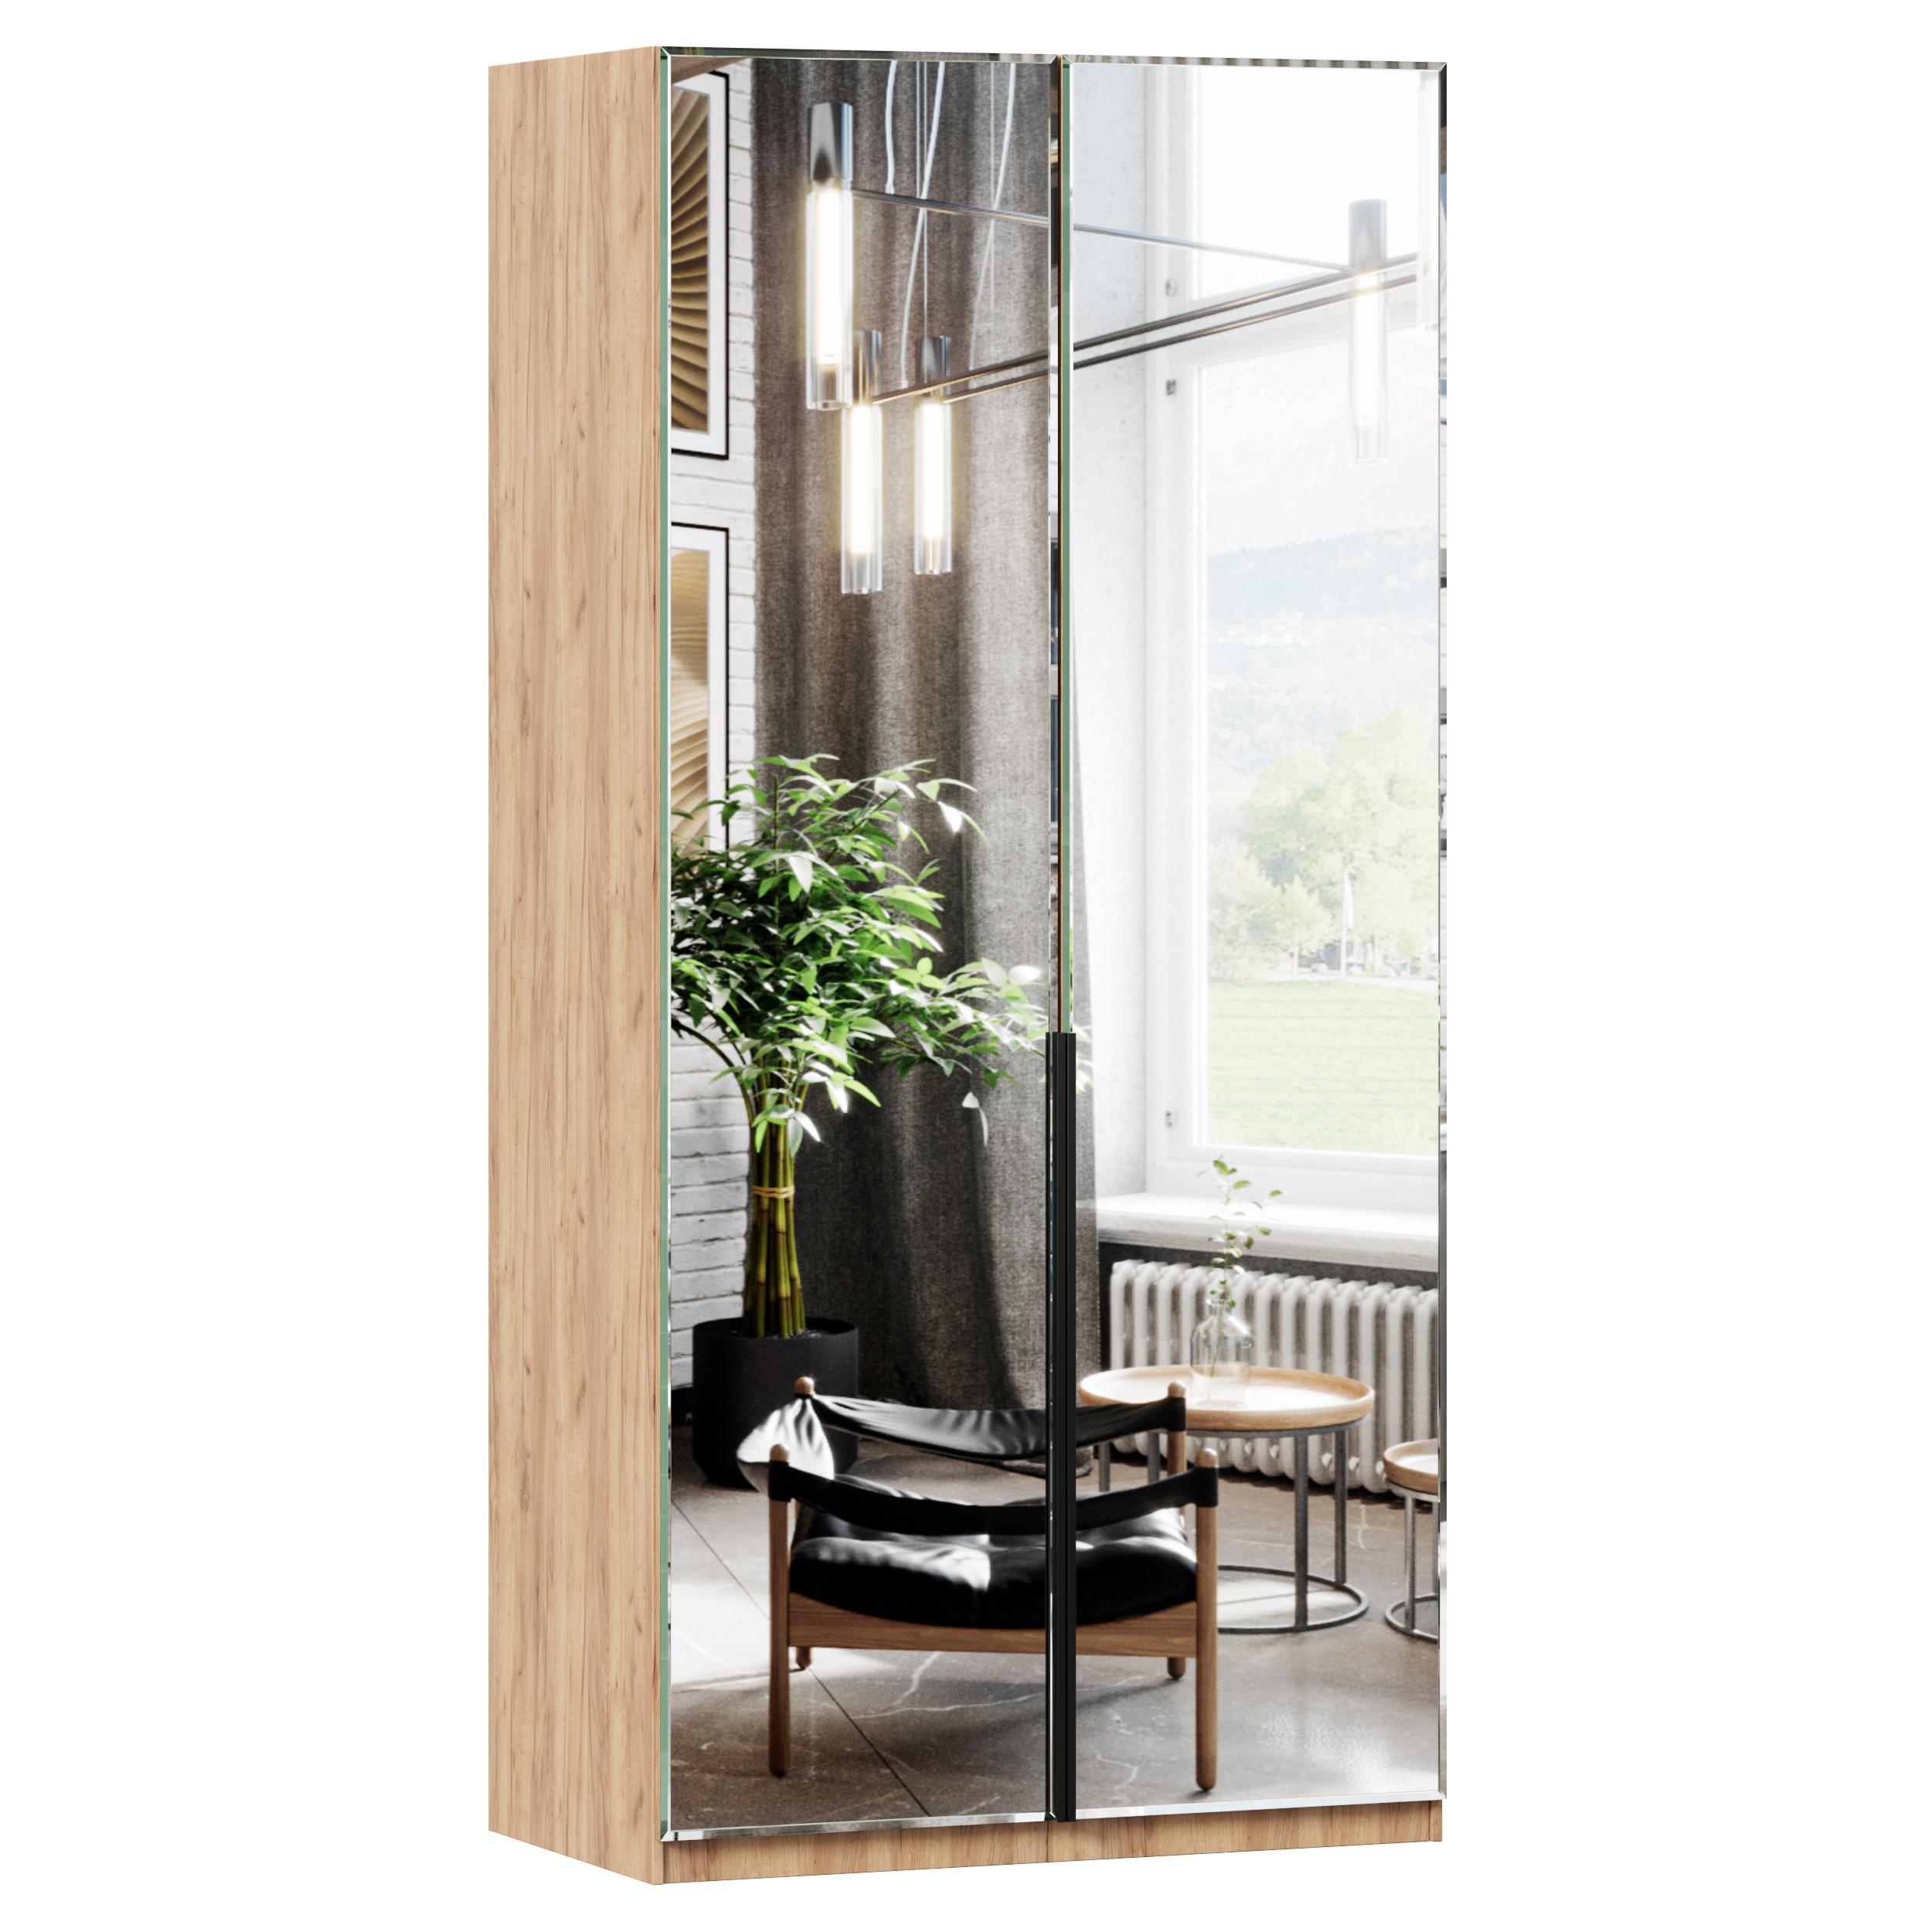 Lubidom Kleiderschrank Nord mit Spiegeltüren in Eiche